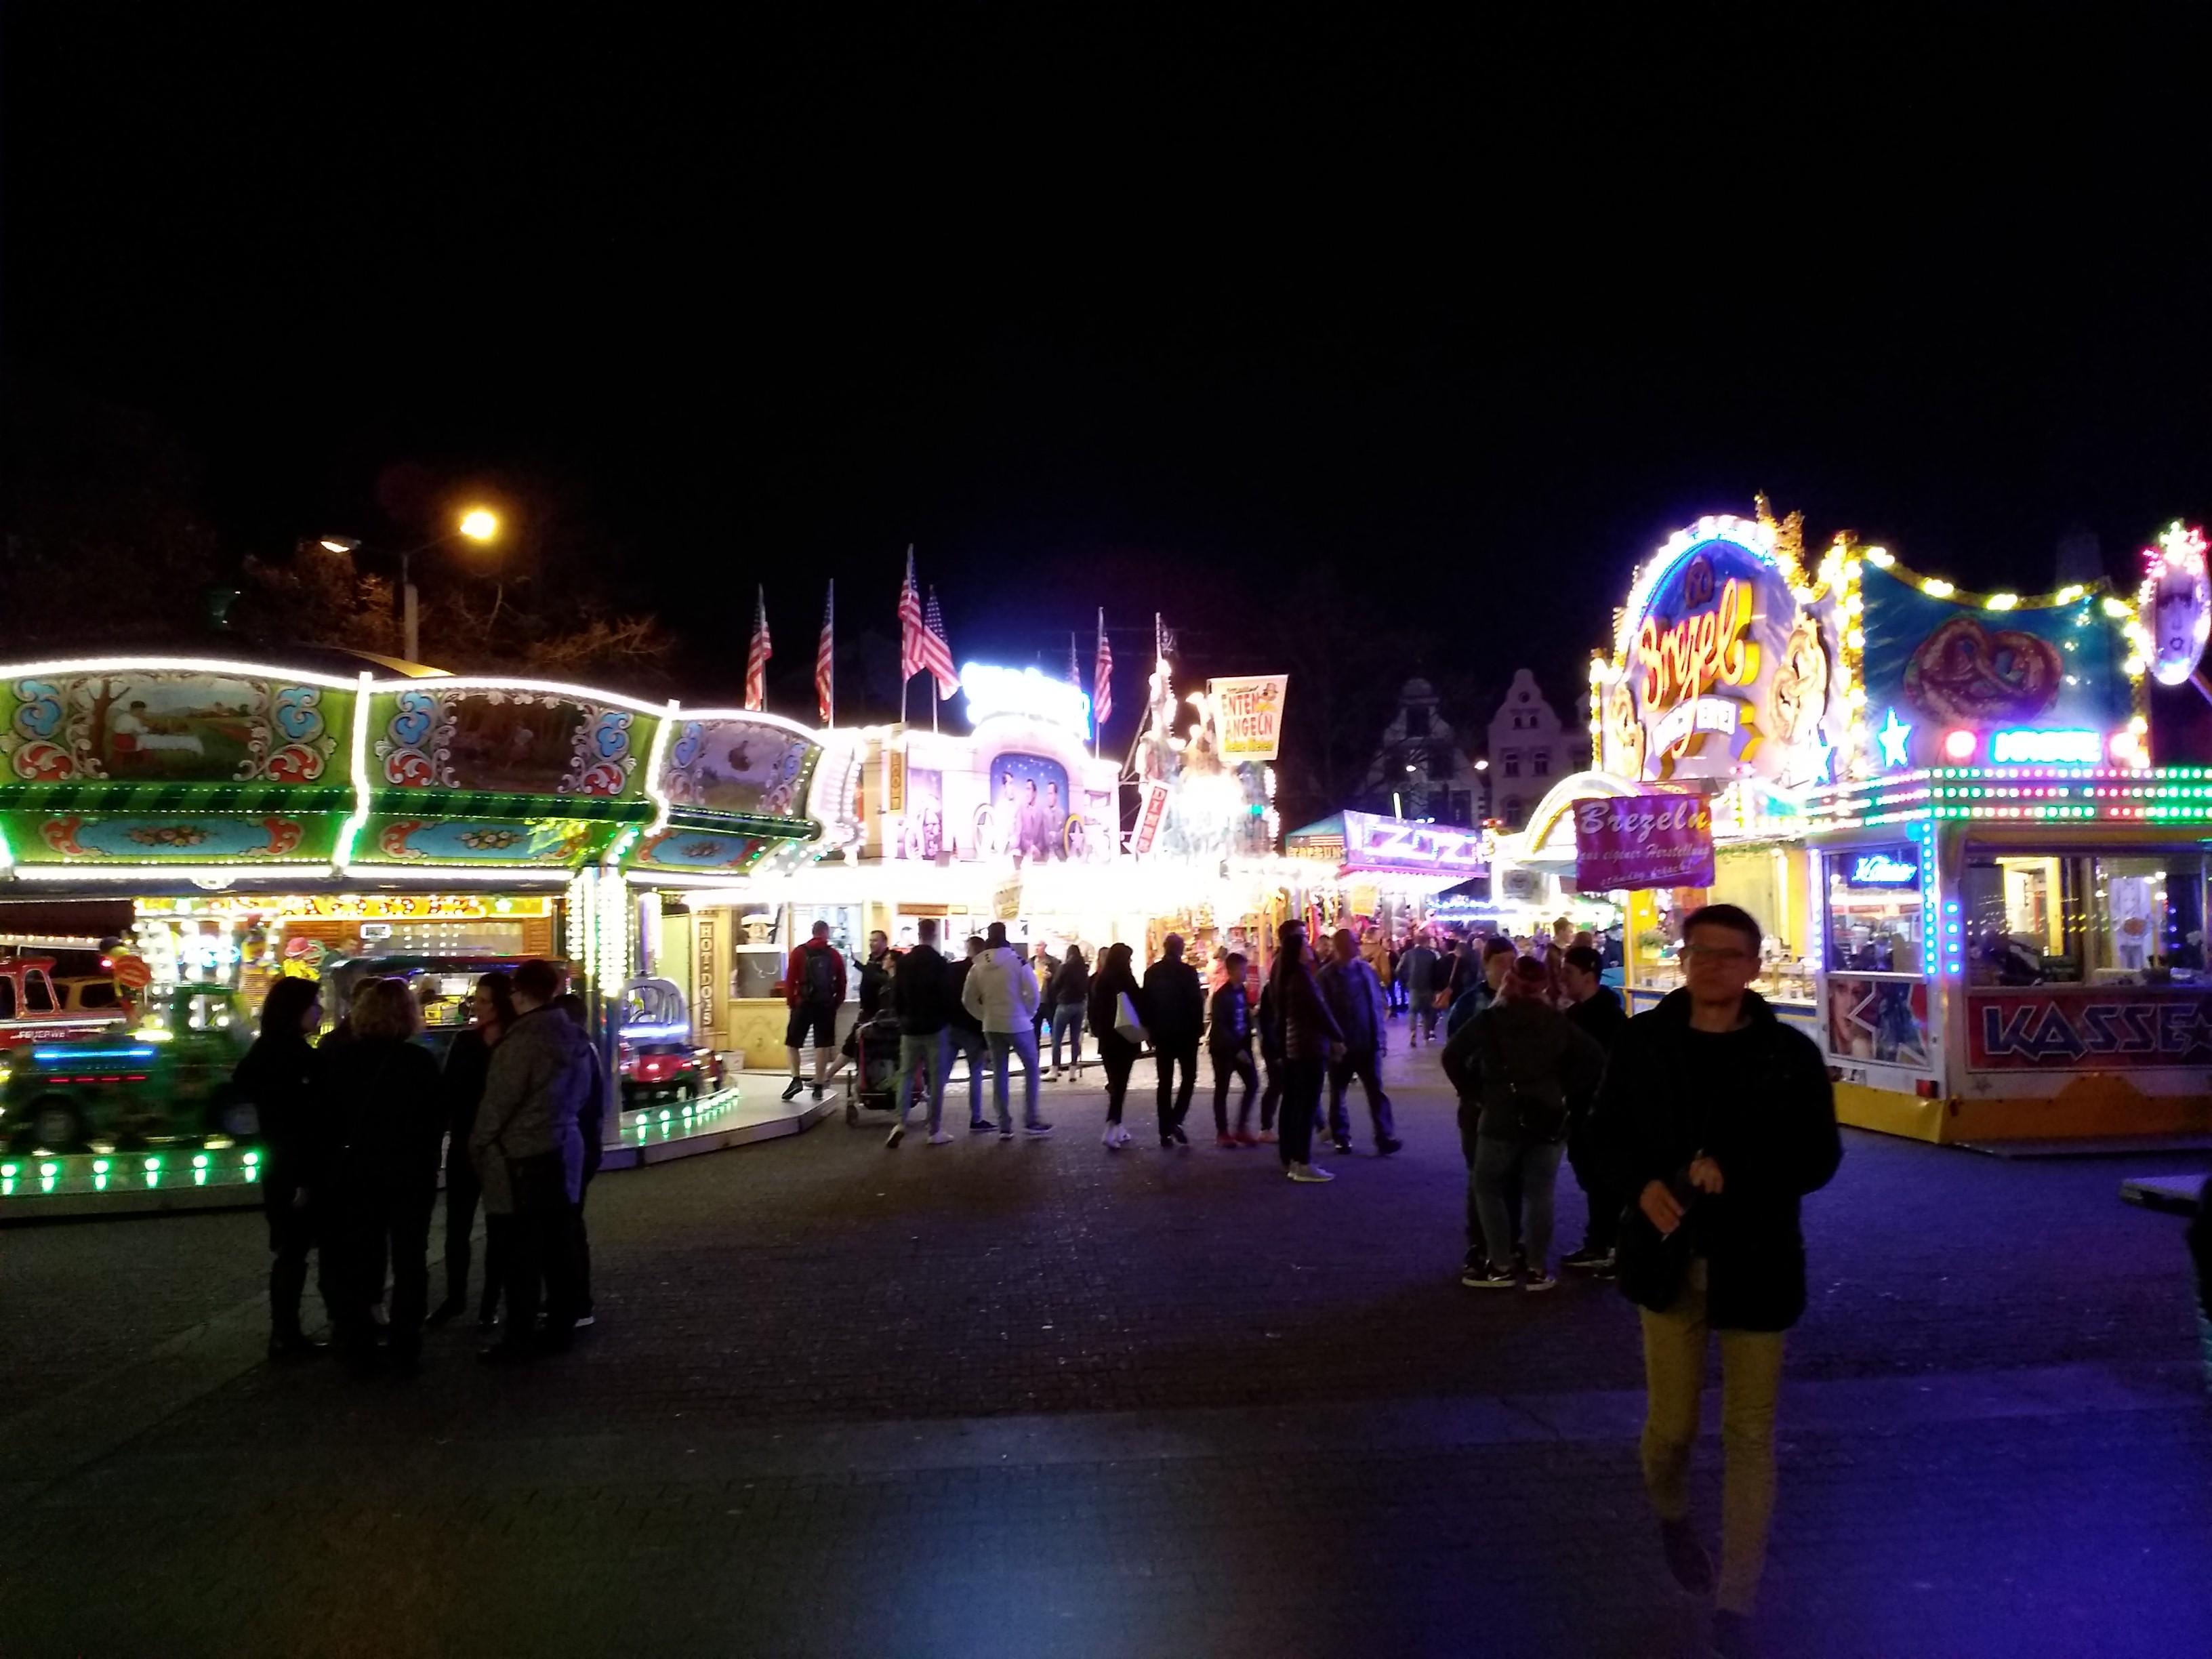 Frühlingsfest Erfurt am Abend